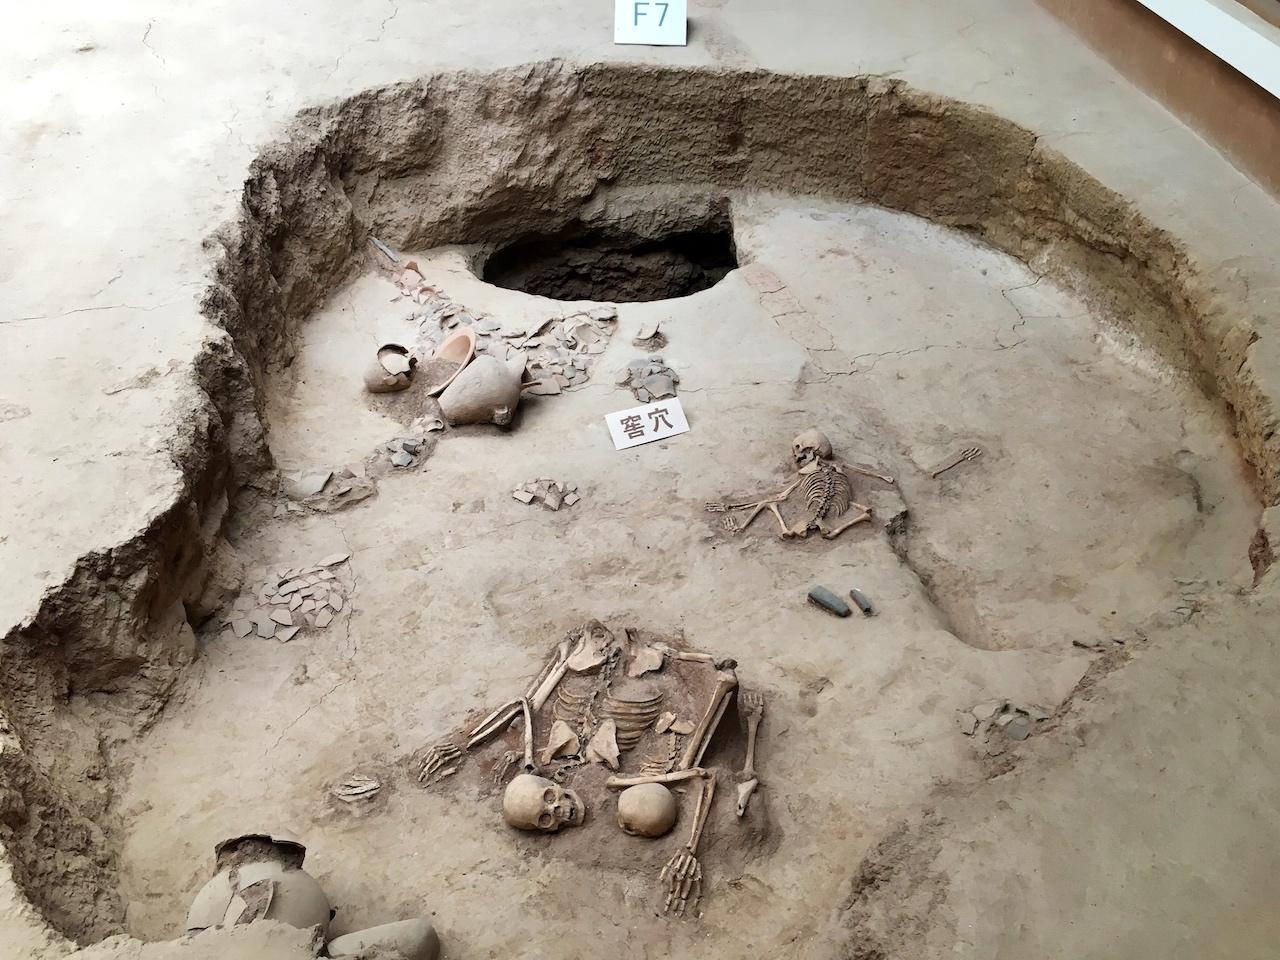 青海有4000年前的史前灾难遗